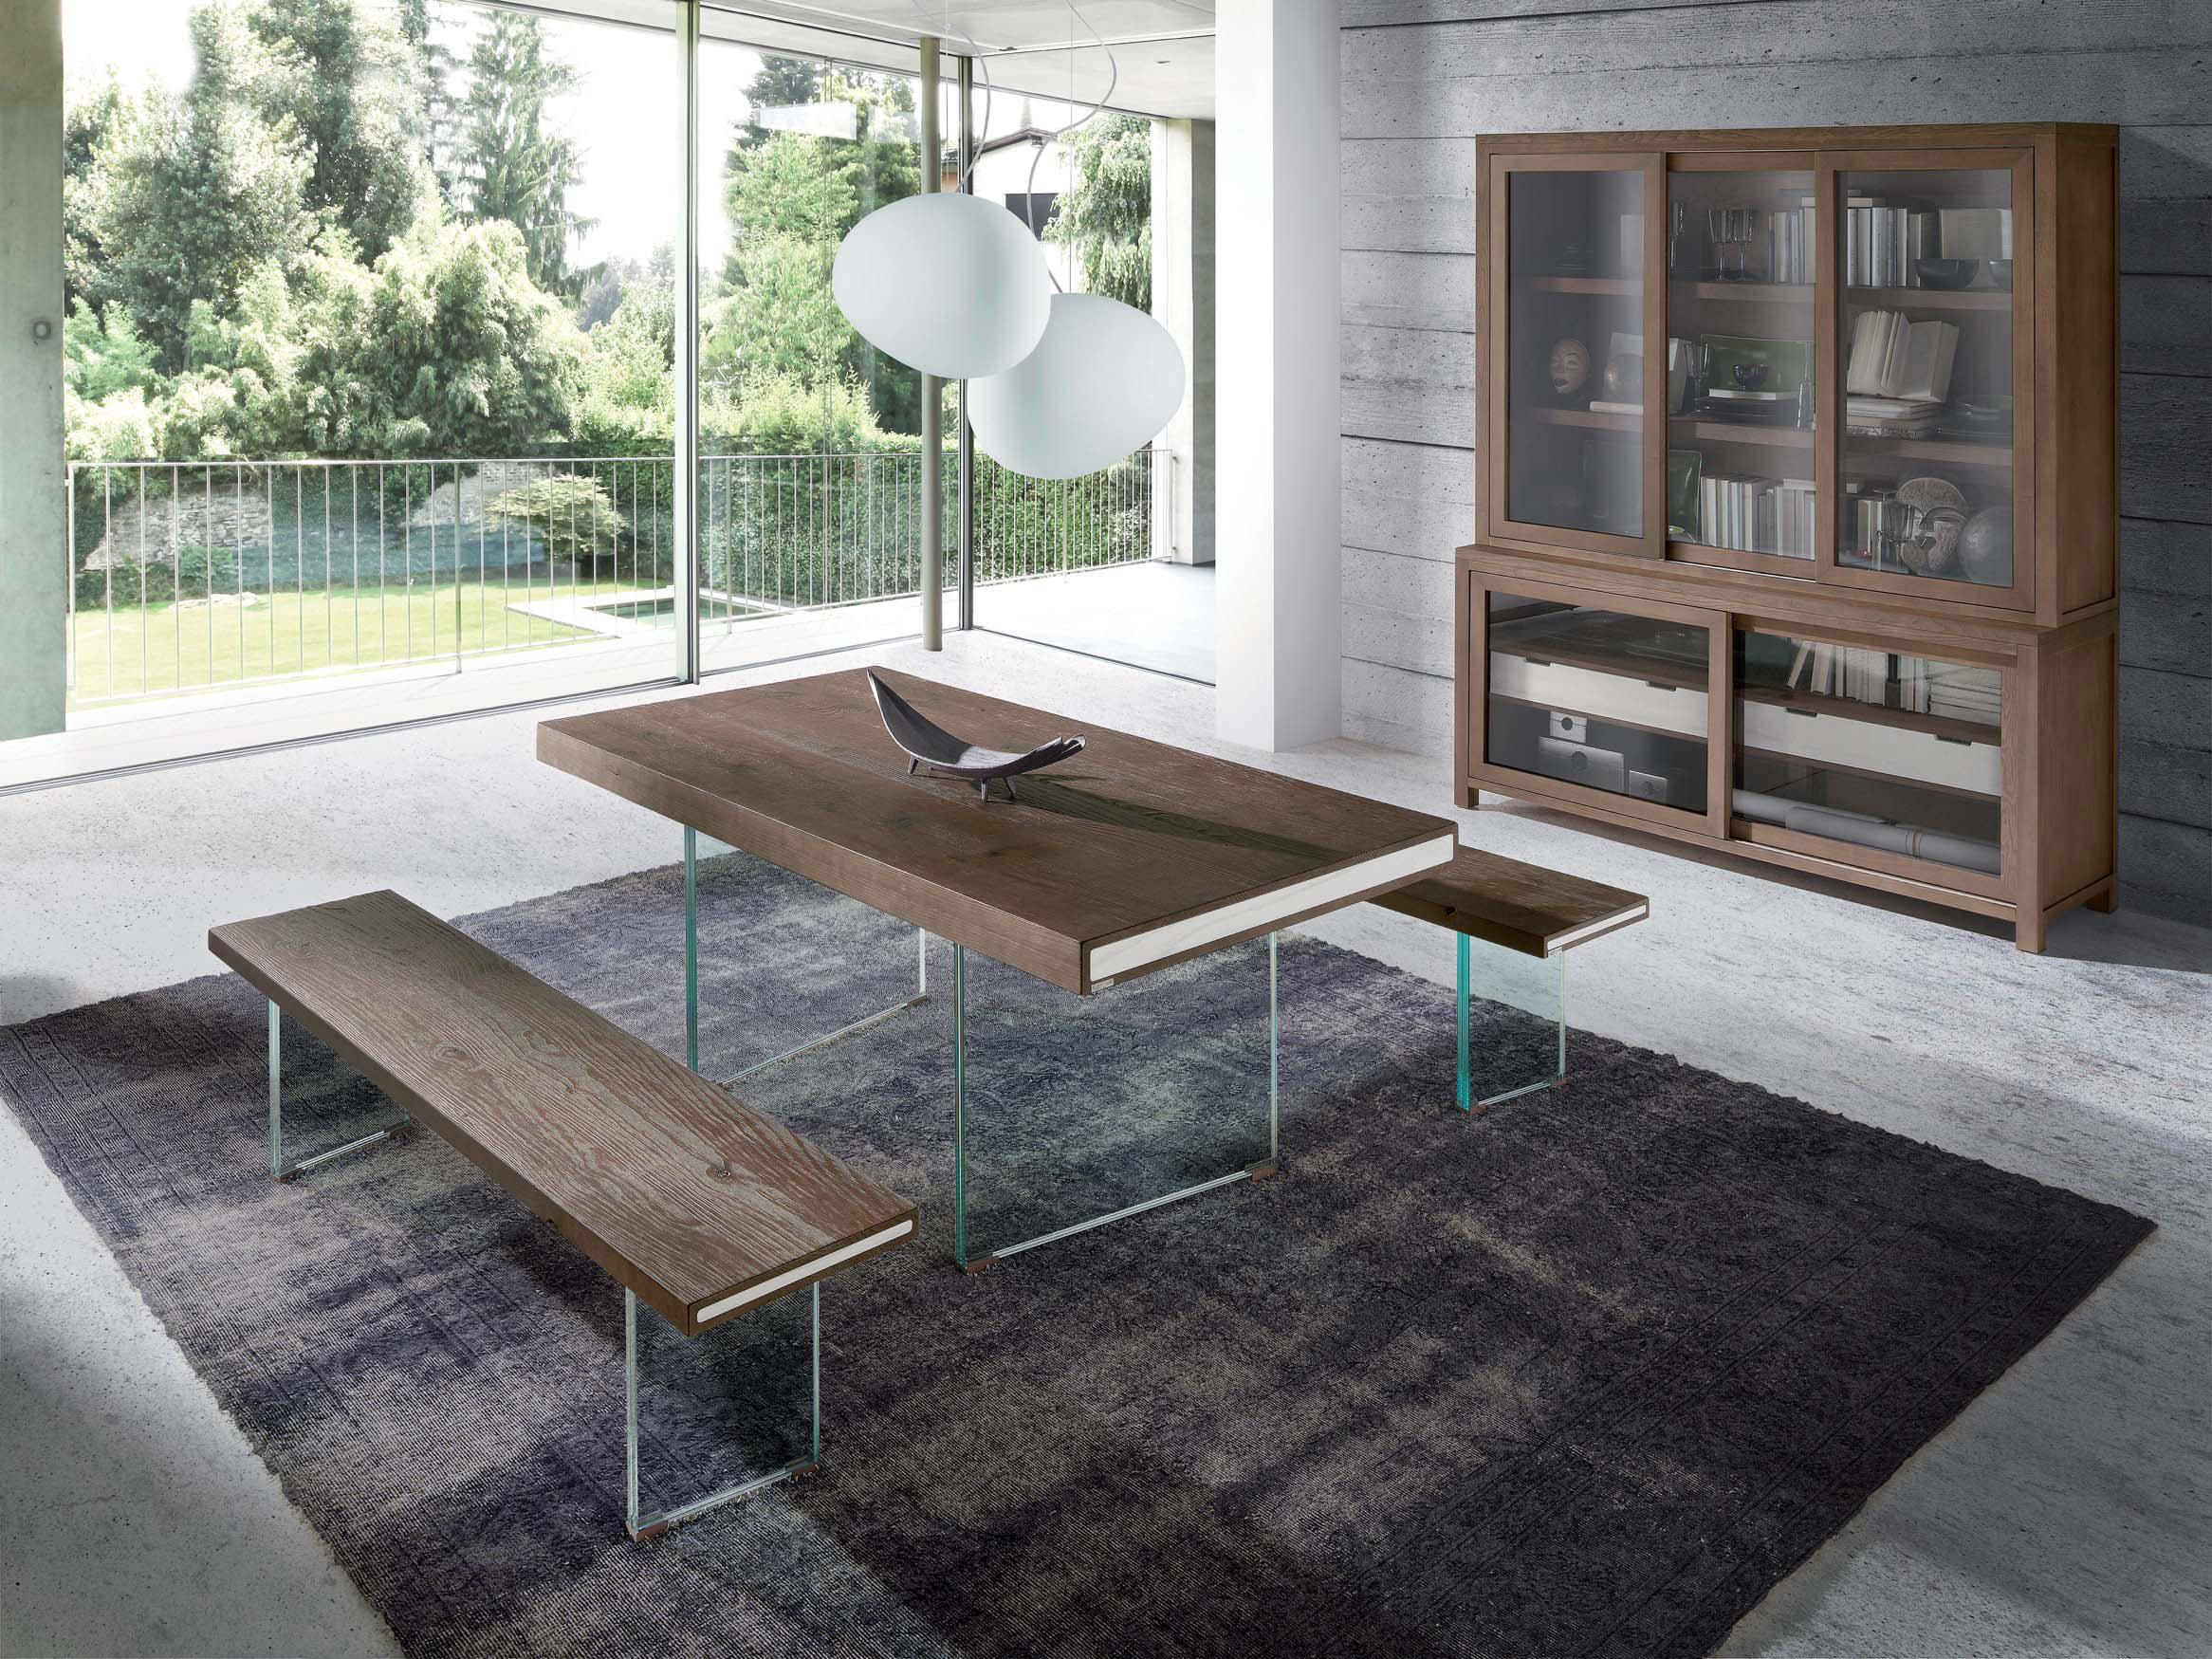 mesa comedor madera de mobila con patas cristal villalba